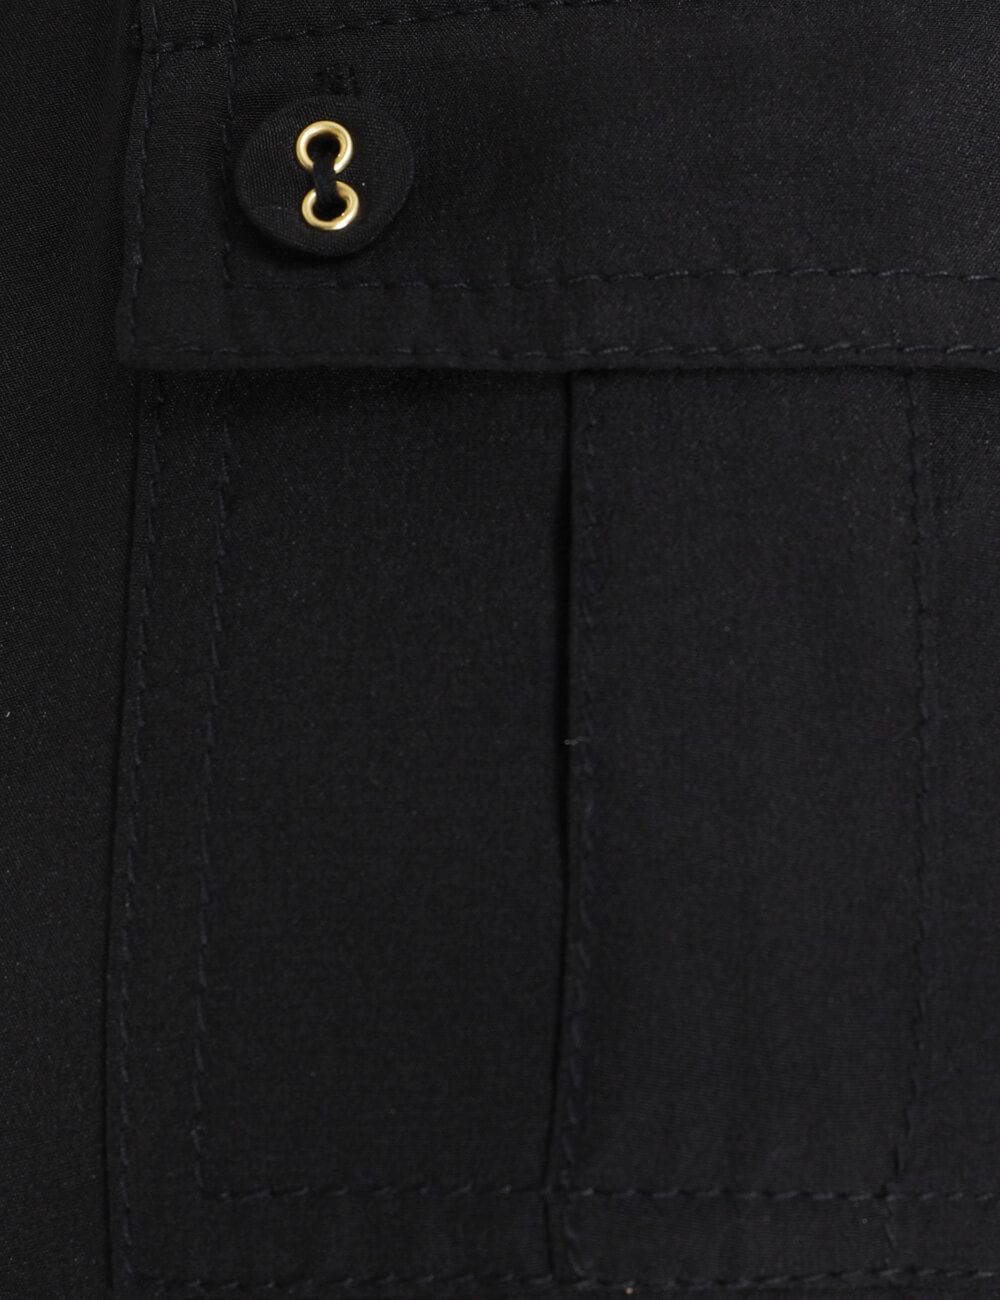 Espionage Silk Utililty Shirt